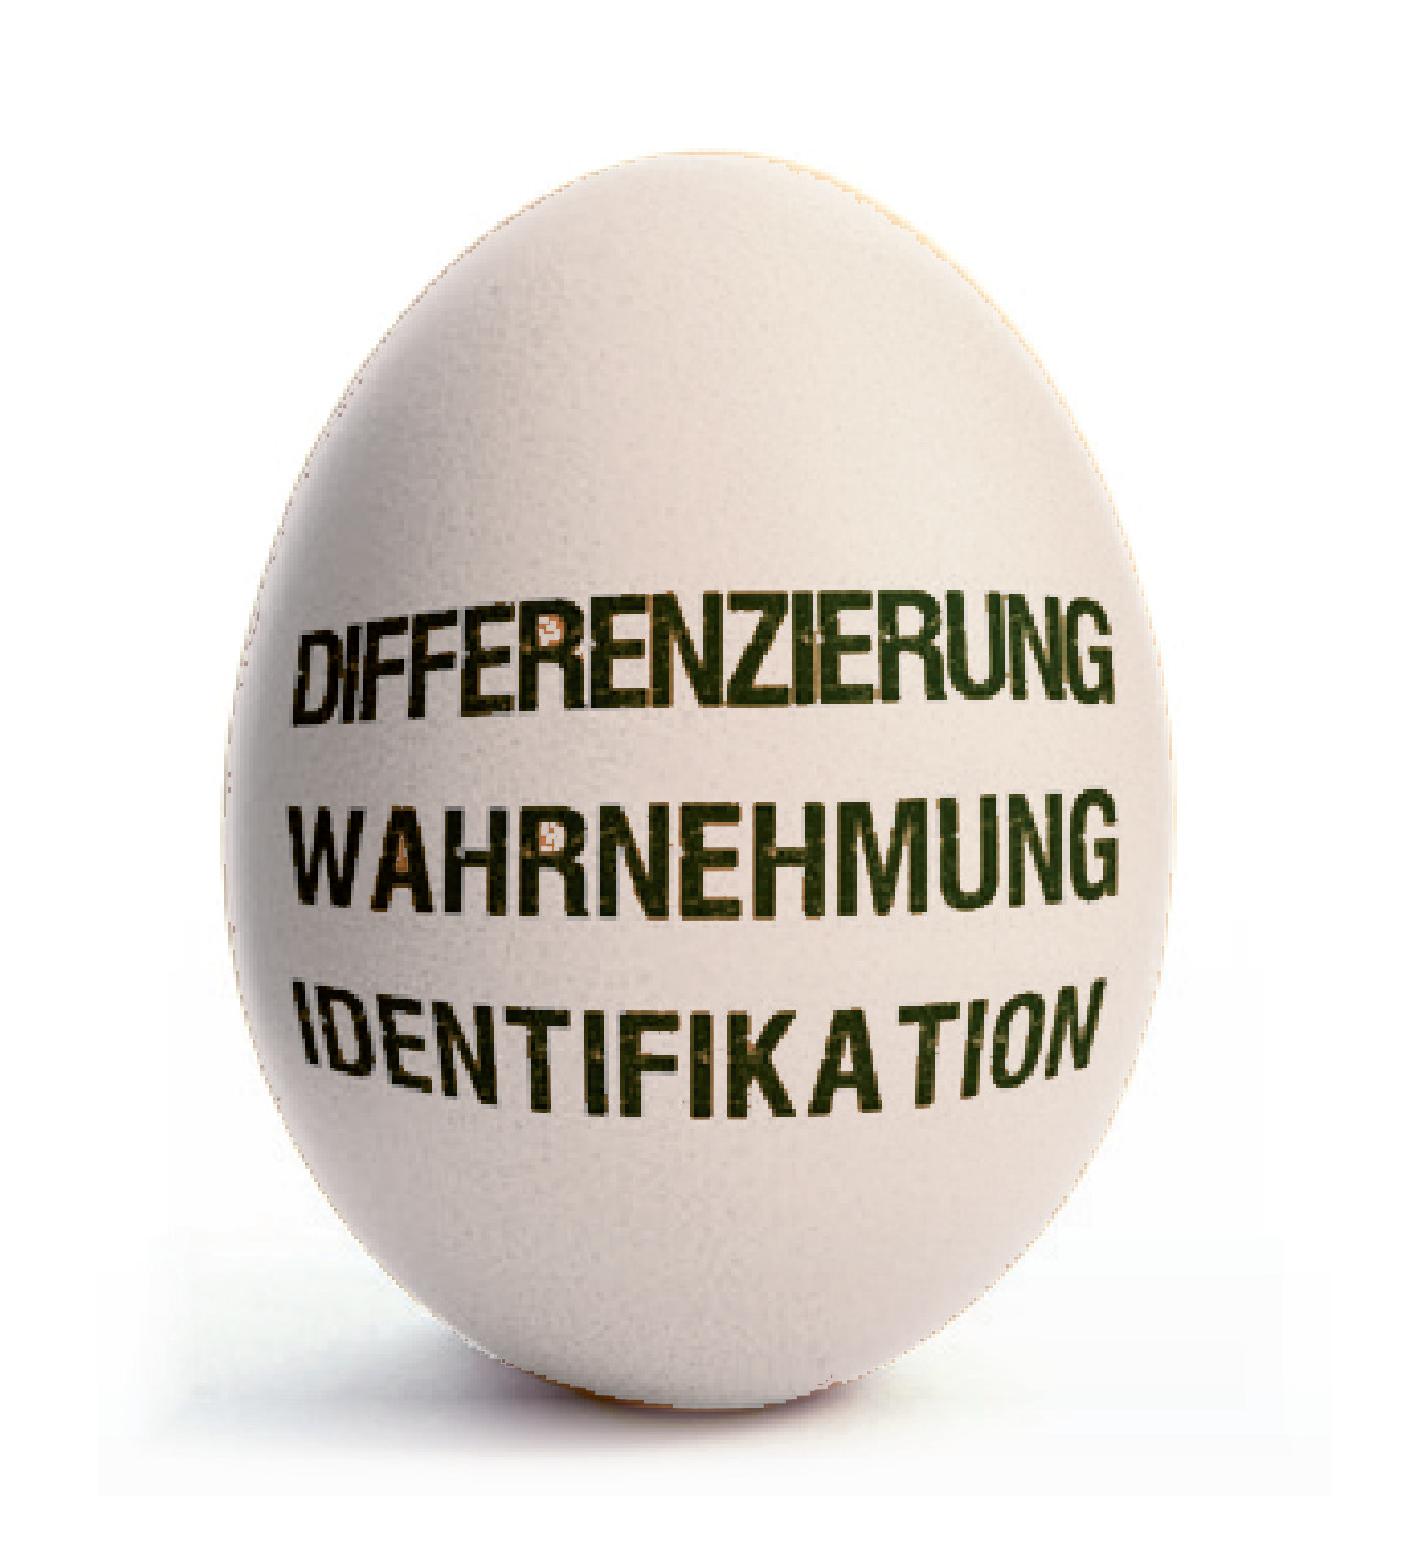 Ei_Differenzierung_Wahrnehmung_Identifikation-02-02.png